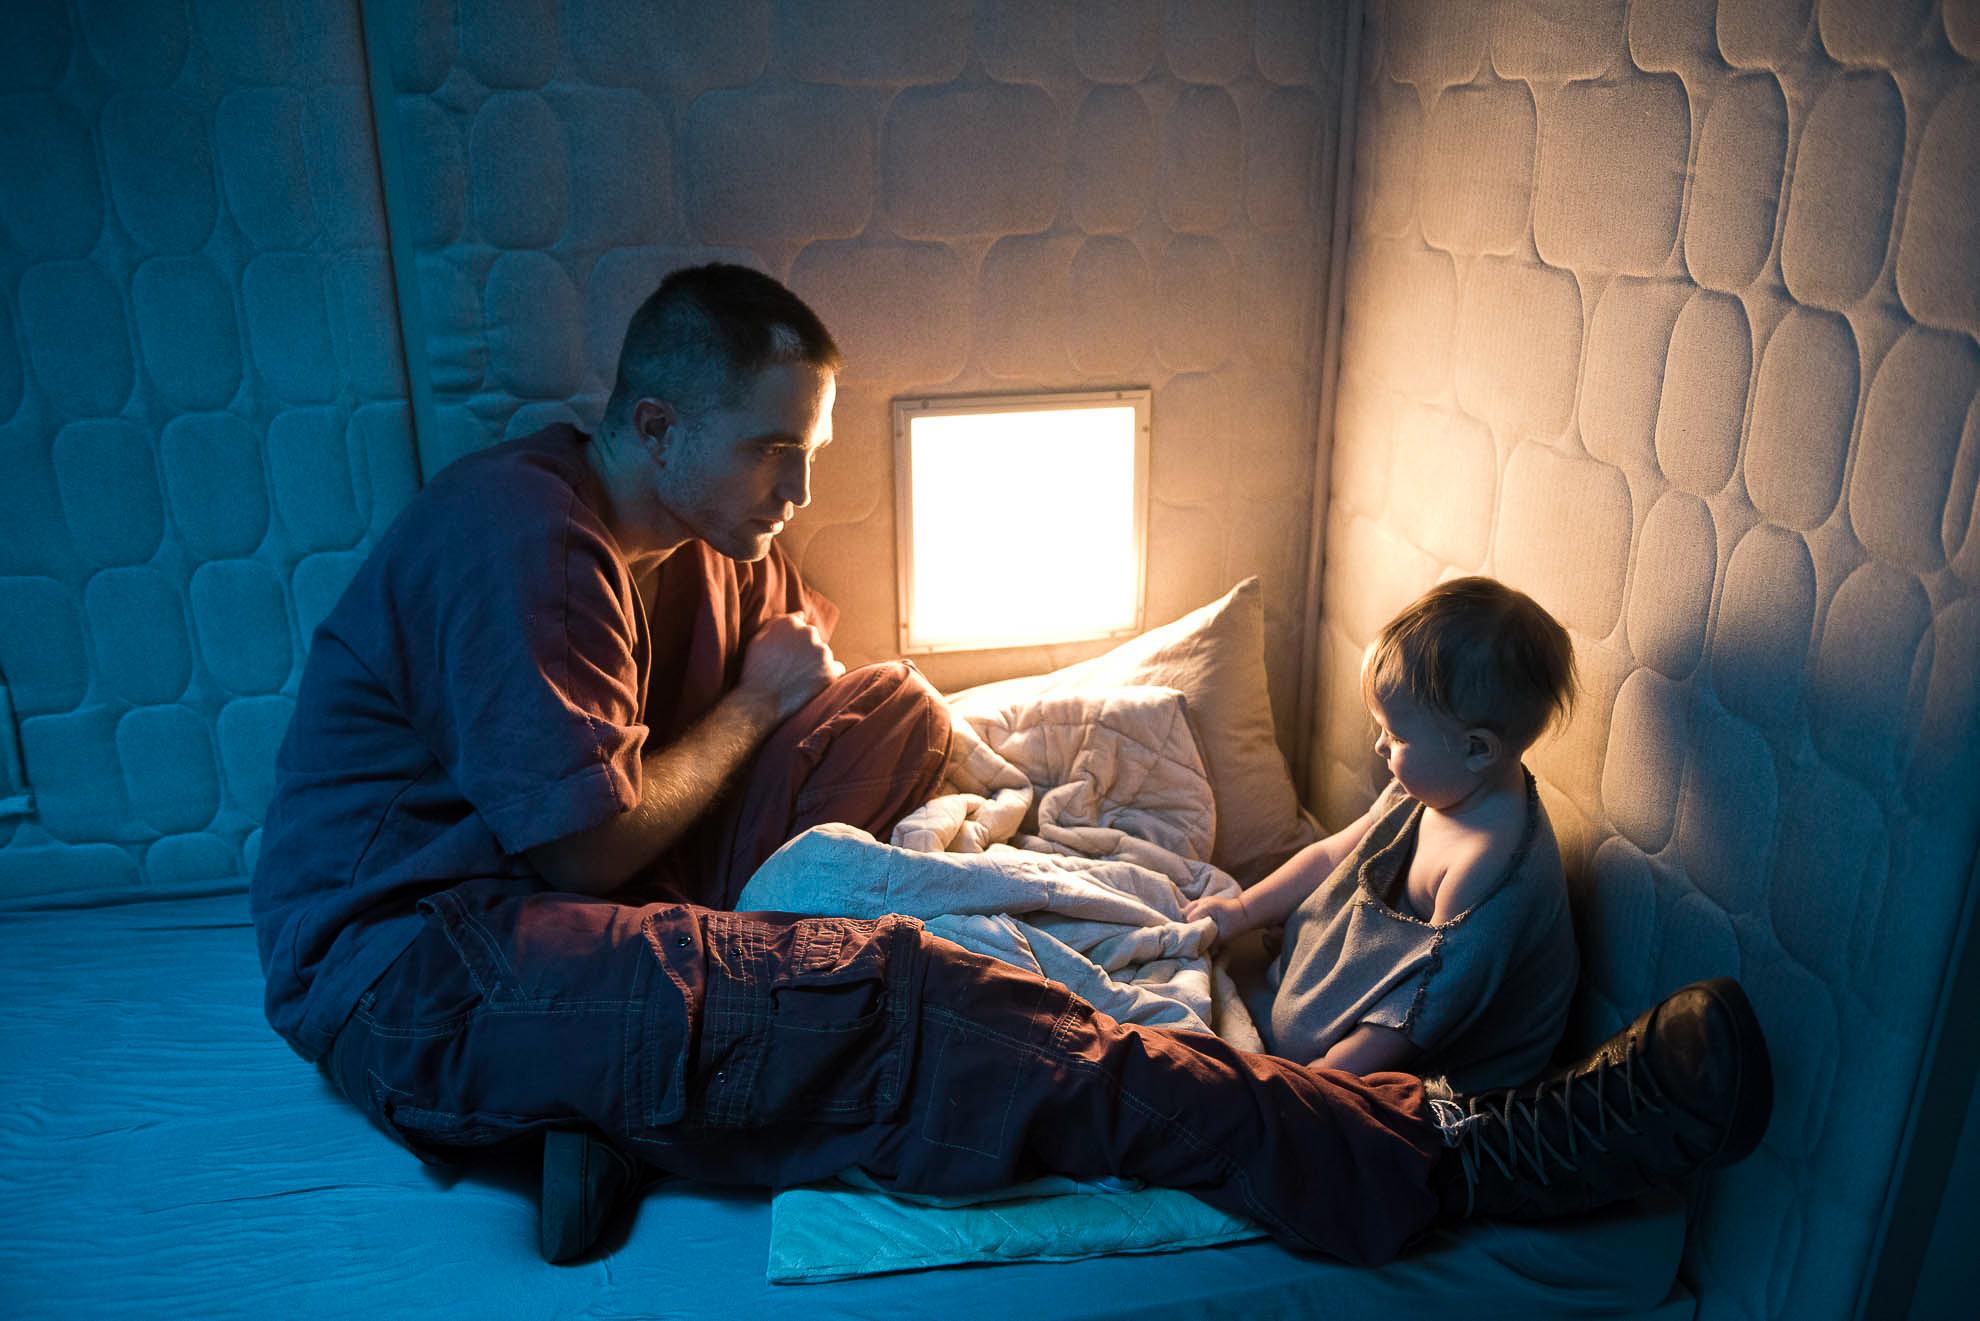 Robert PAttinson en el papel de Monte junto con el bebé de pocos meses que interpreta a Willow, su hija. Ambos descansan en la cama de un decorado futurista en un fotogframa de la película High Life de Claire Denis.